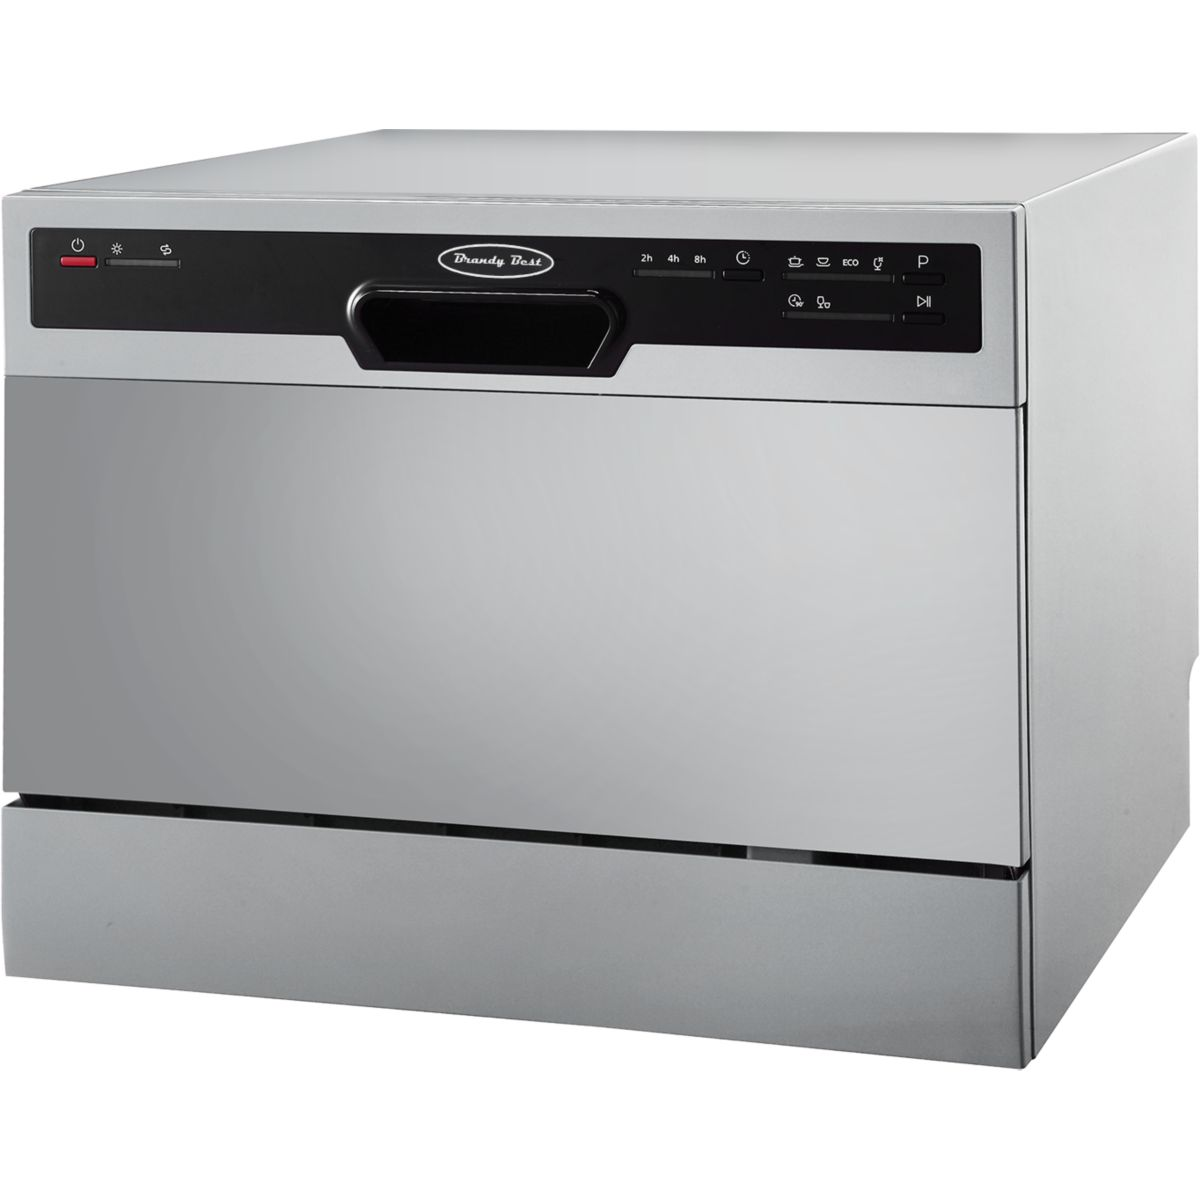 Mini lave vaisselle BRANDY BEST FLASH6S (Silver)